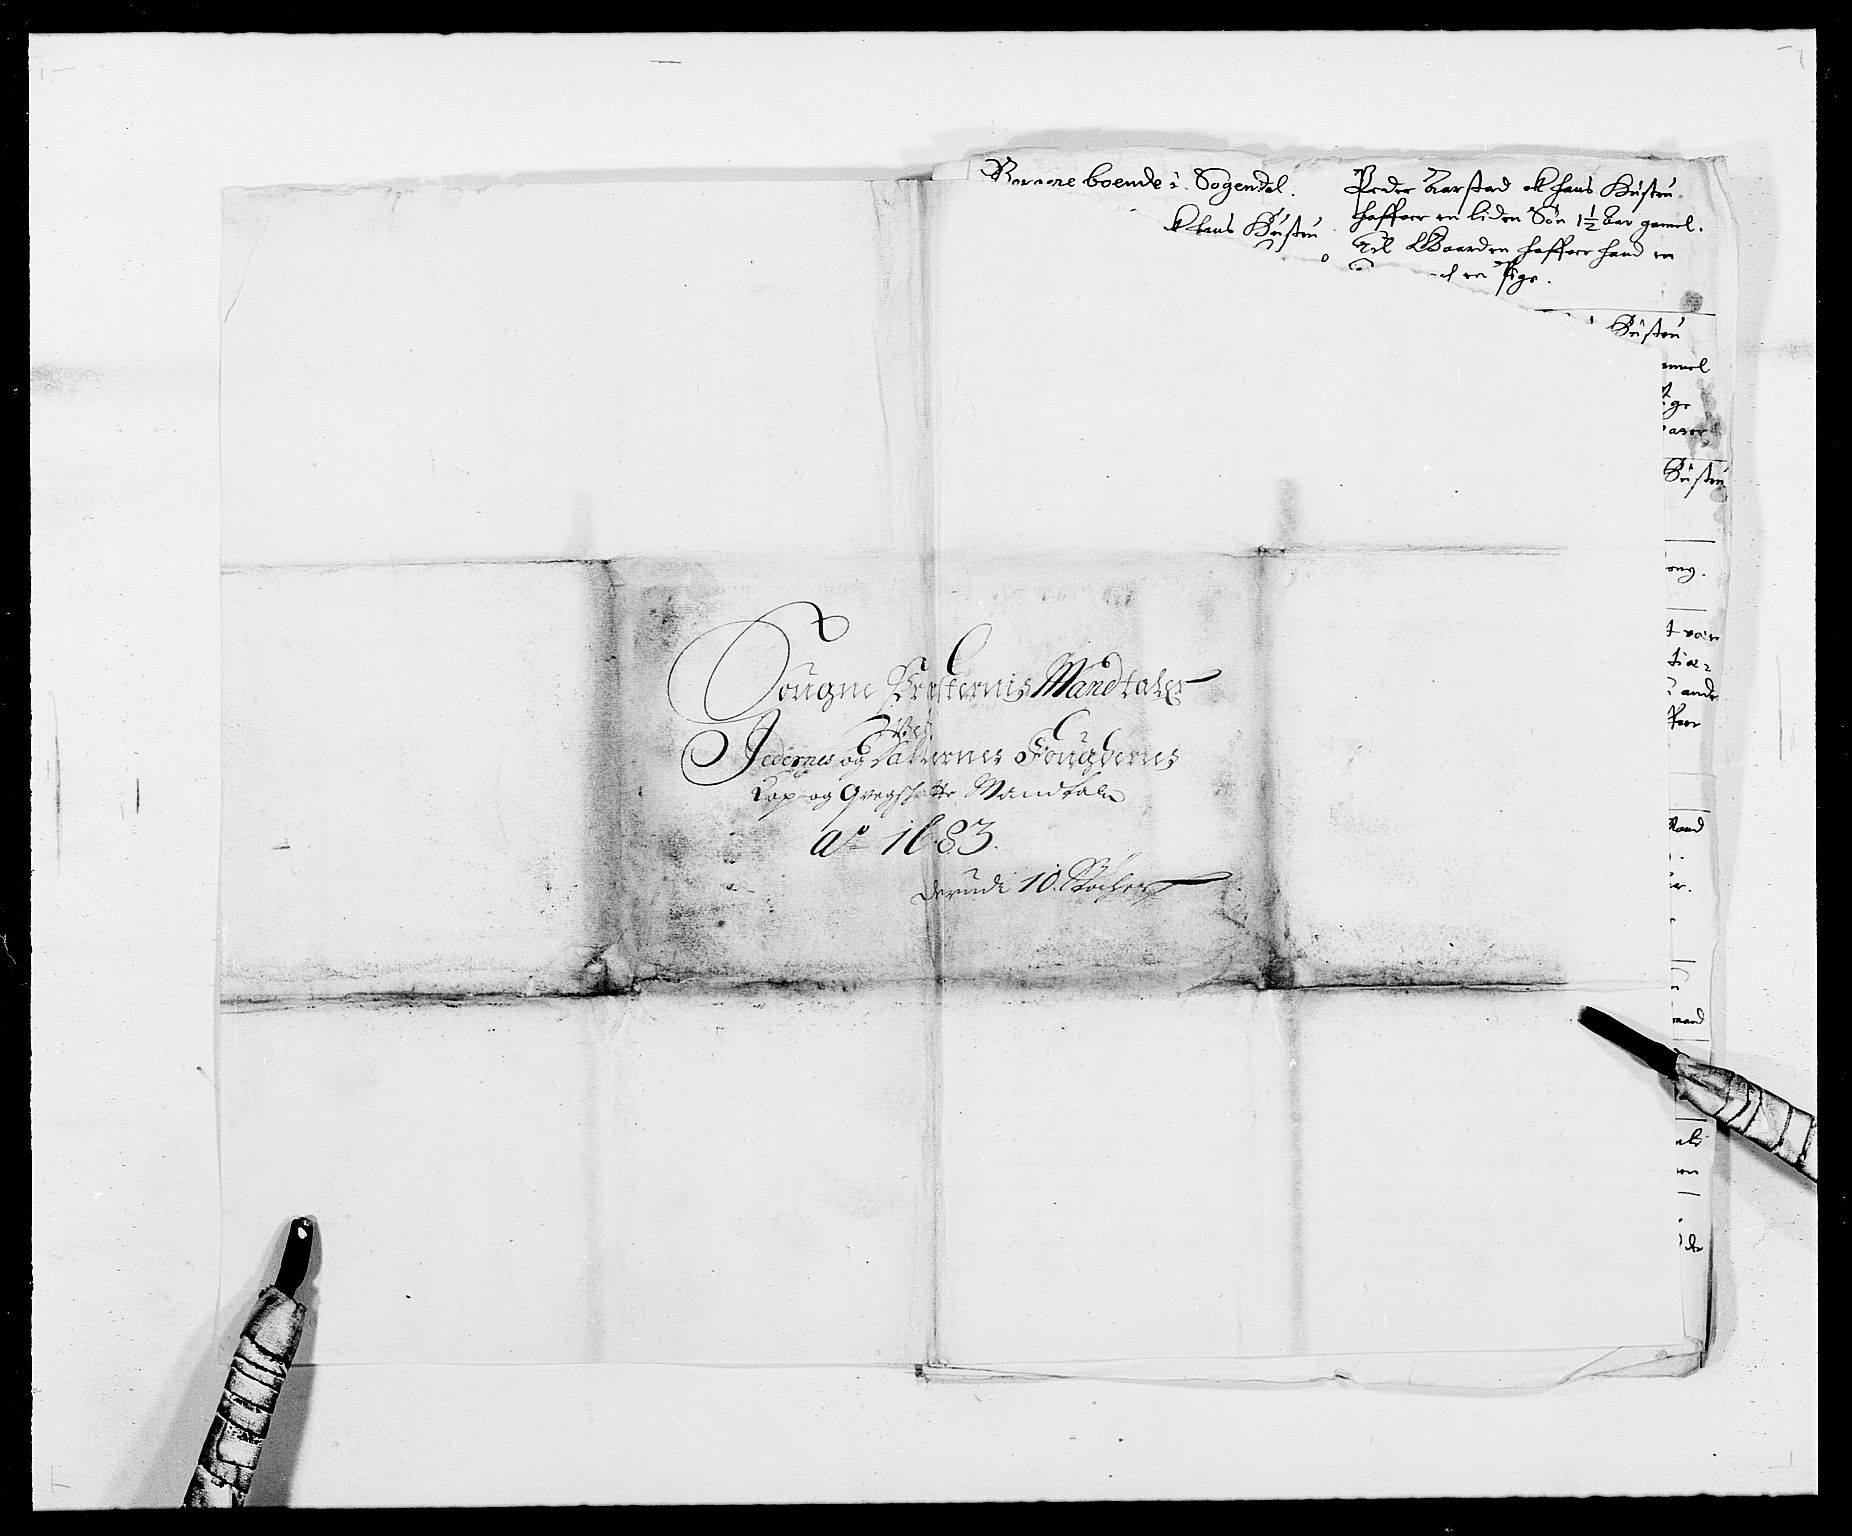 RA, Rentekammeret inntil 1814, Reviderte regnskaper, Fogderegnskap, R46/L2724: Fogderegnskap Jæren og Dalane, 1682-1684, s. 41